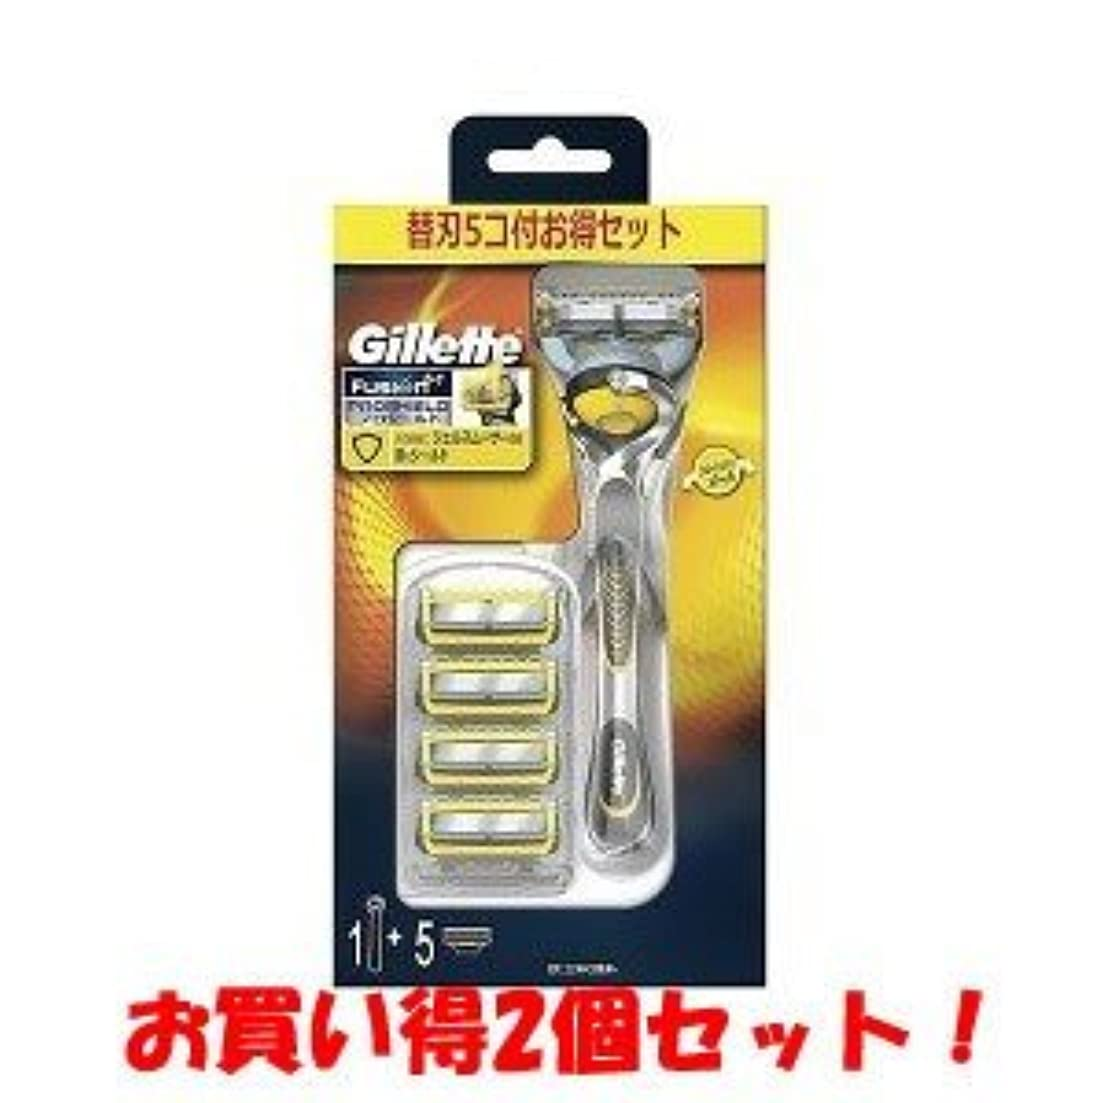 子猫クラッチにんじん(P&G)ジレット フュージョン 5+1 プロシールド4B ホルダー付 替刃5個付(お買い得2個セット)